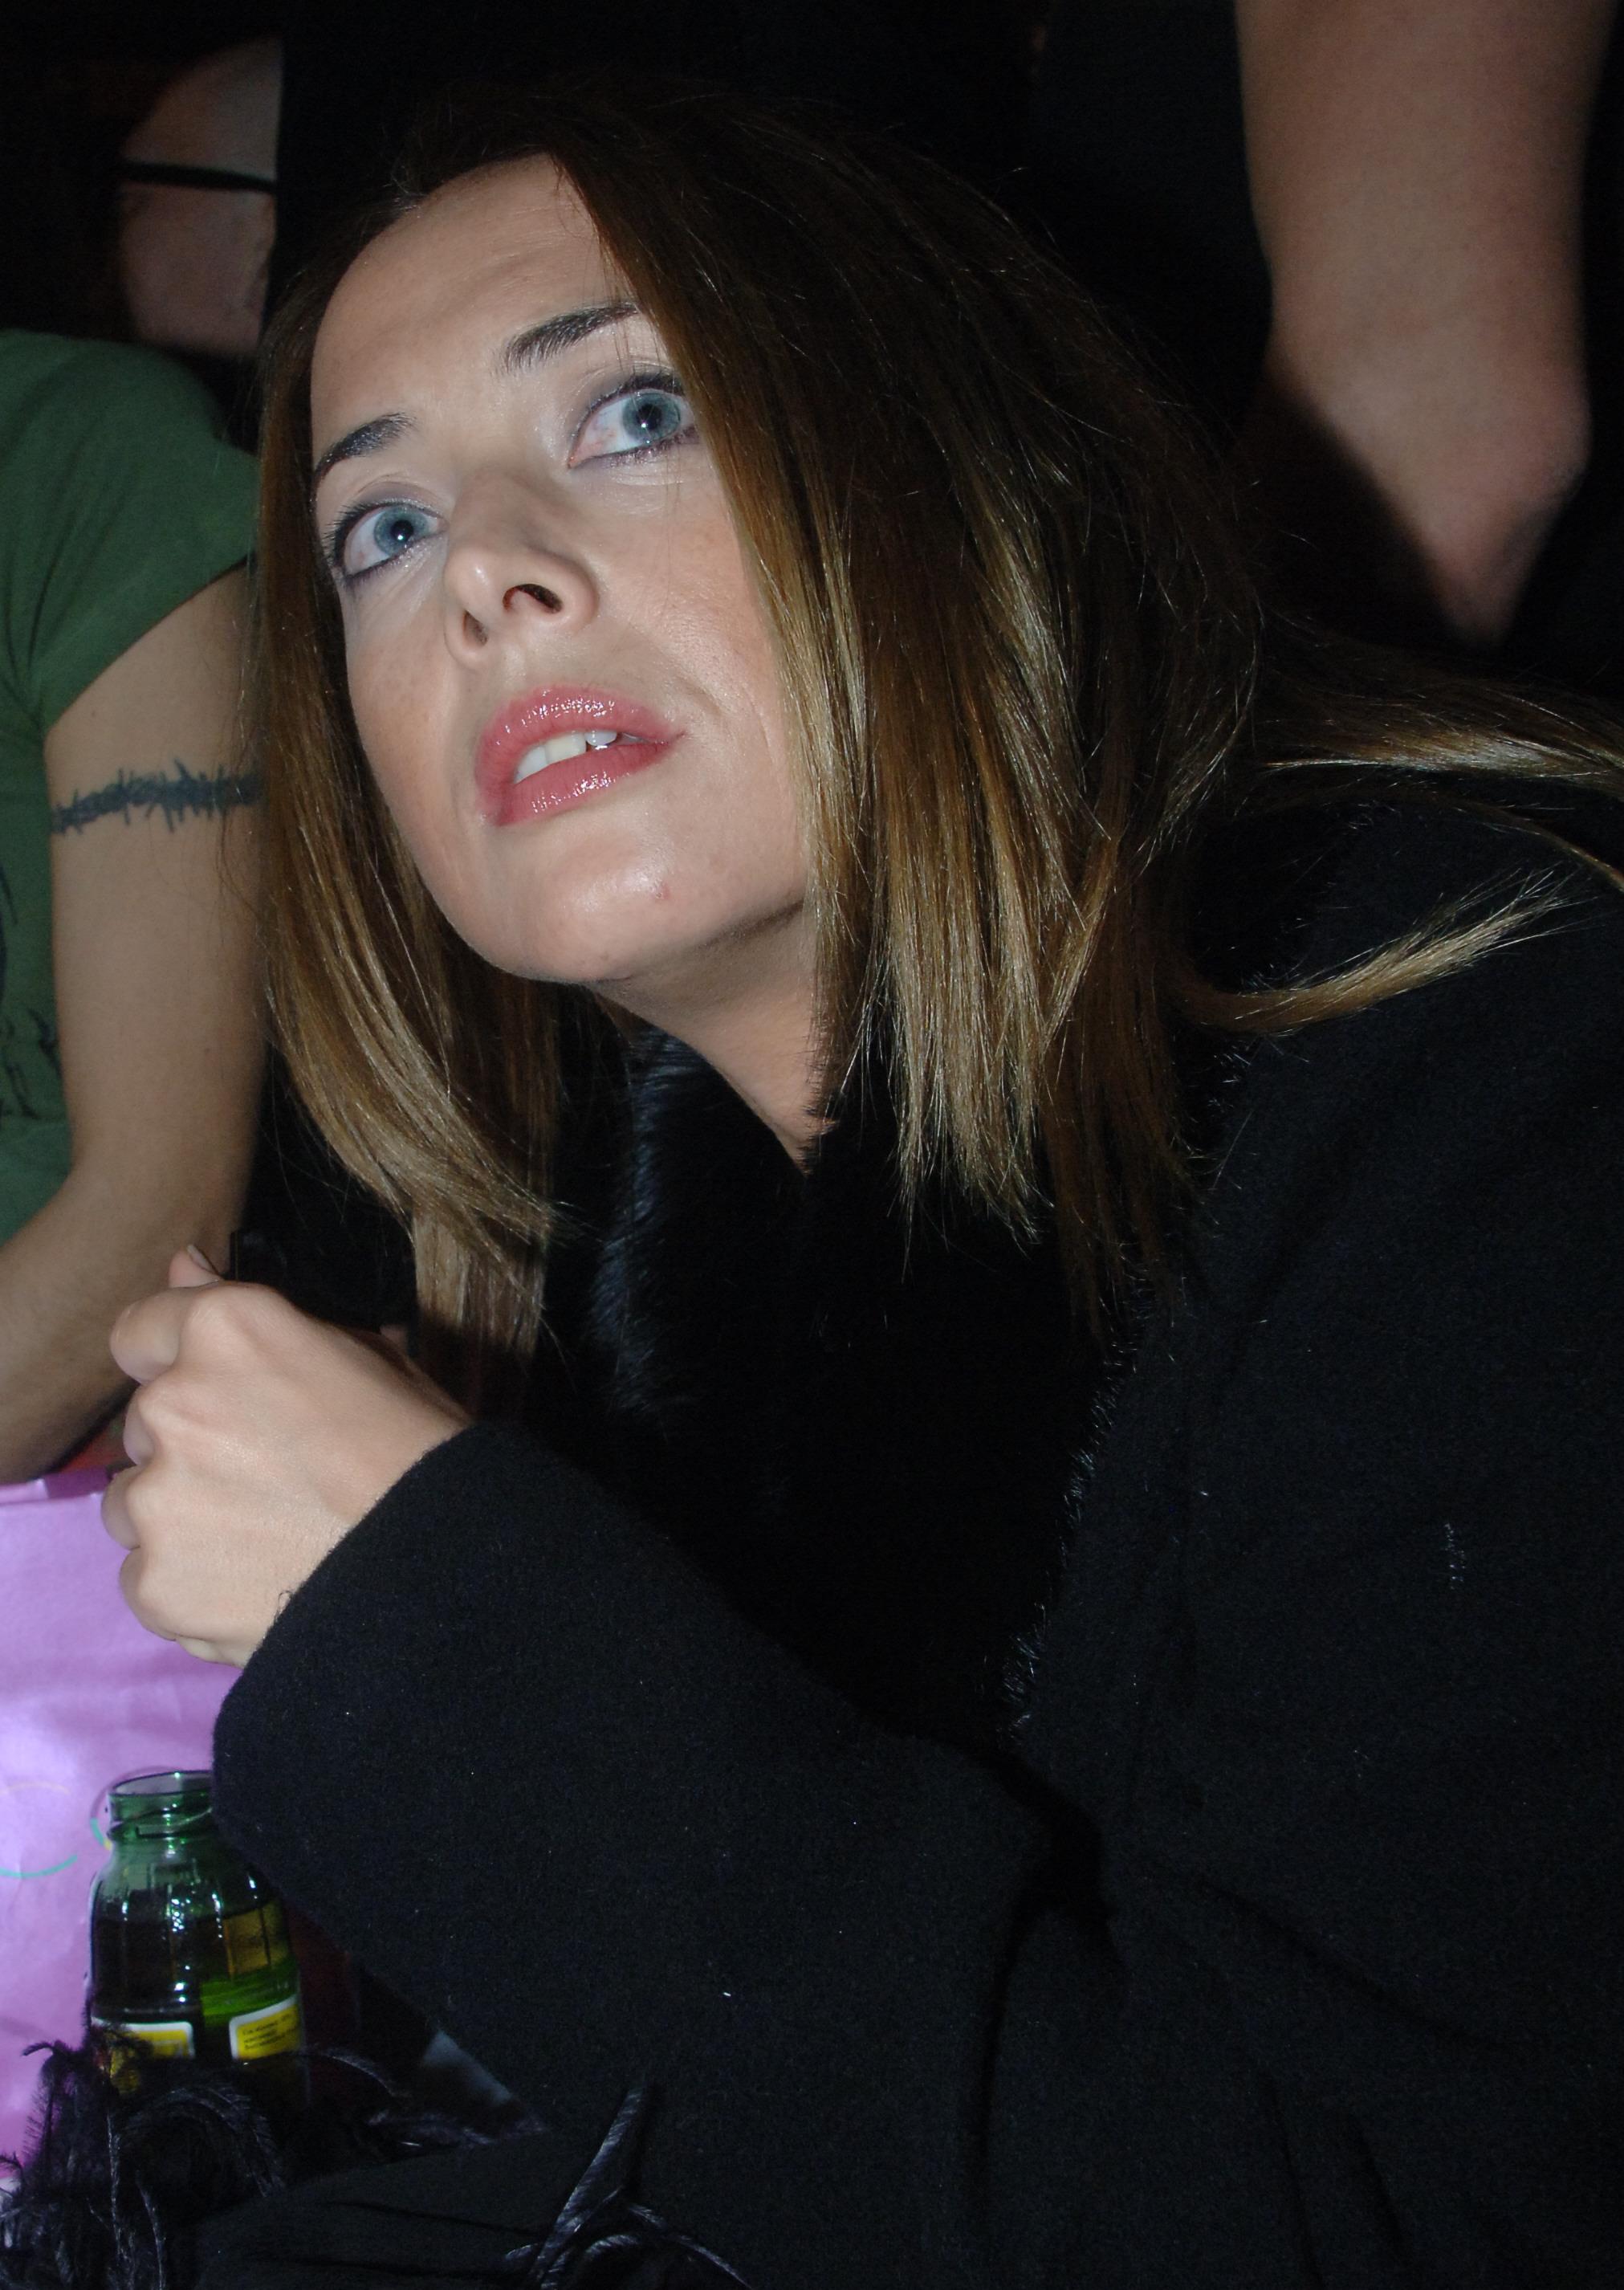 В Сети появилось фото Жанны Фриске без макияжа - Звезды и